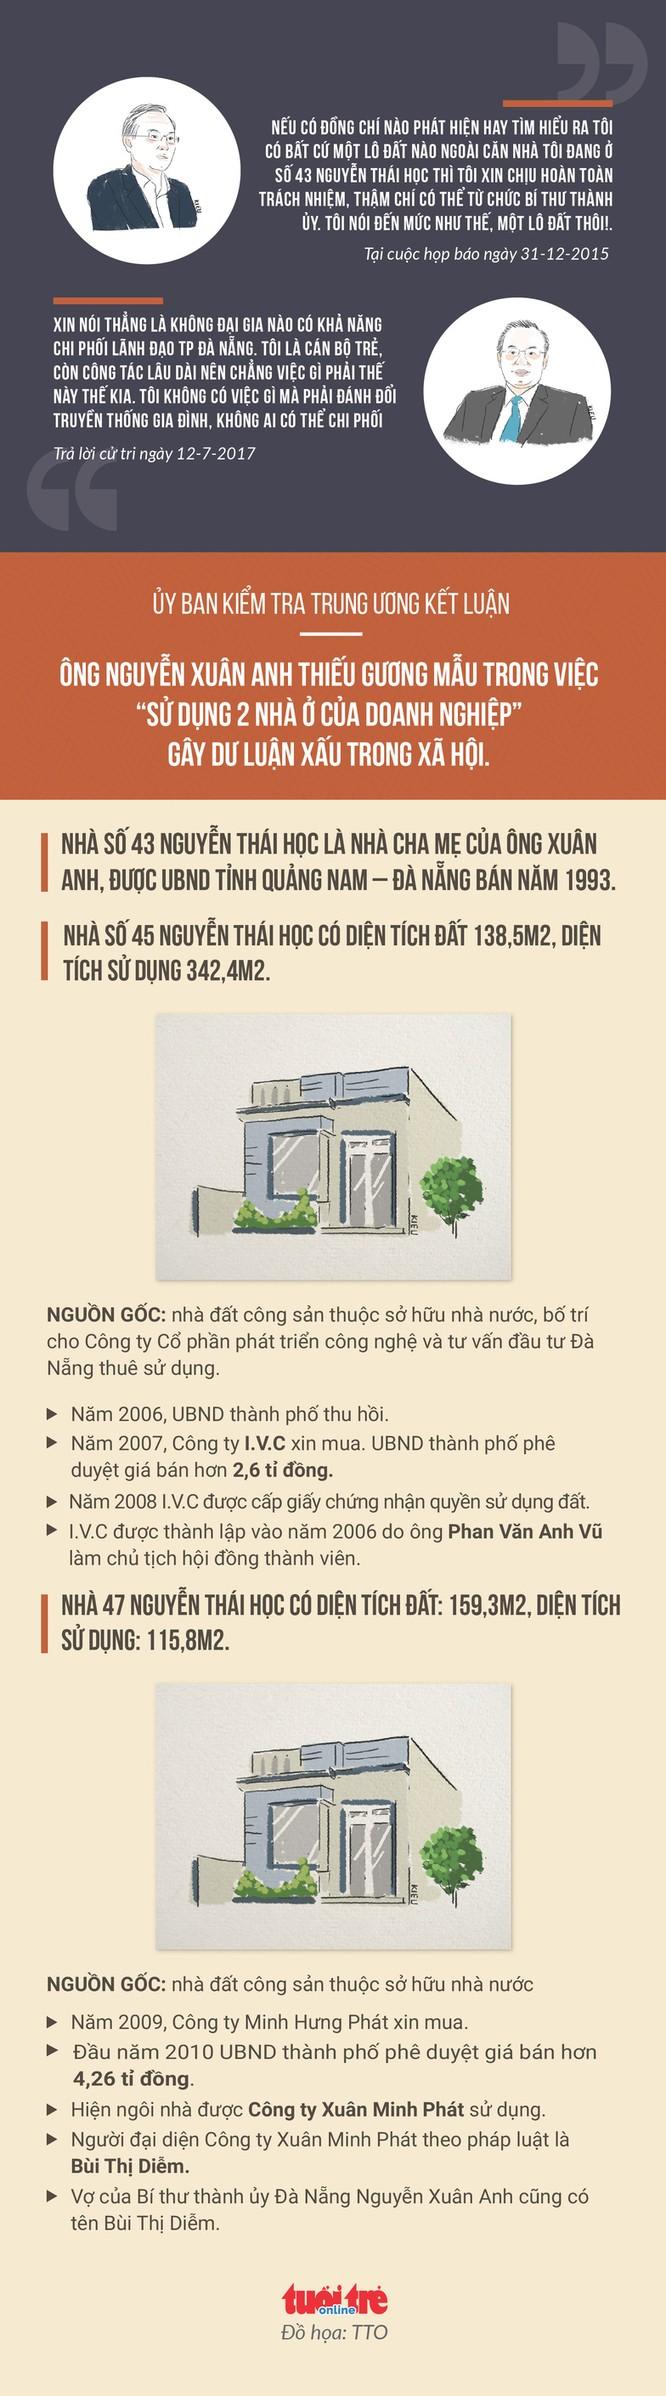 Nhà 43 của Bí thư Đà Nẵng Nguyễn Xuân Anh 'ôm' nhà 45, 47 ra sao? ảnh 1